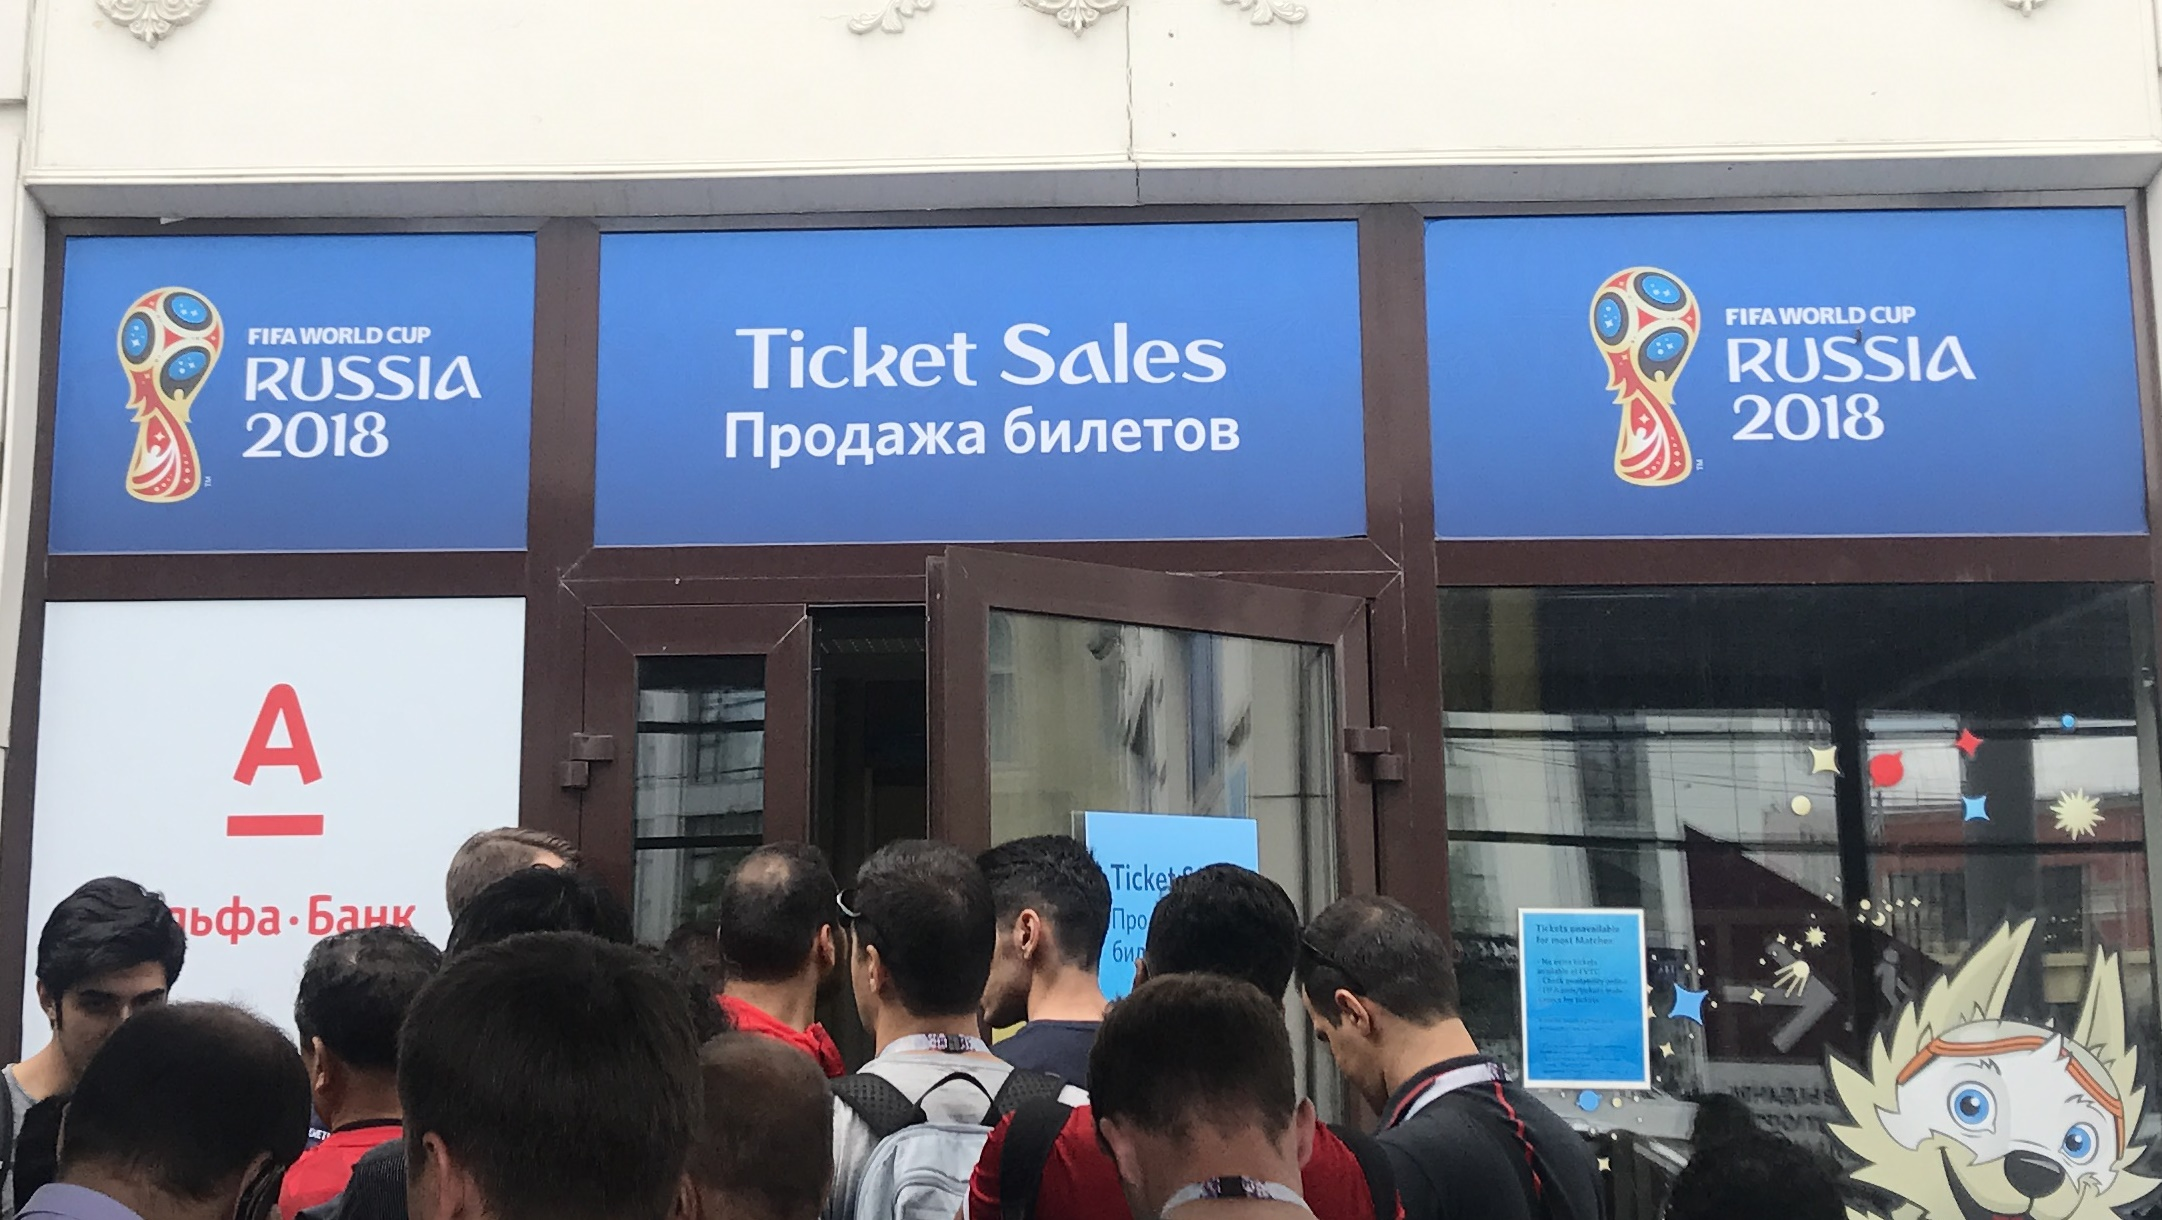 Procura por ingressos aumenta no último dia antes da abertura da Copa do Mundo